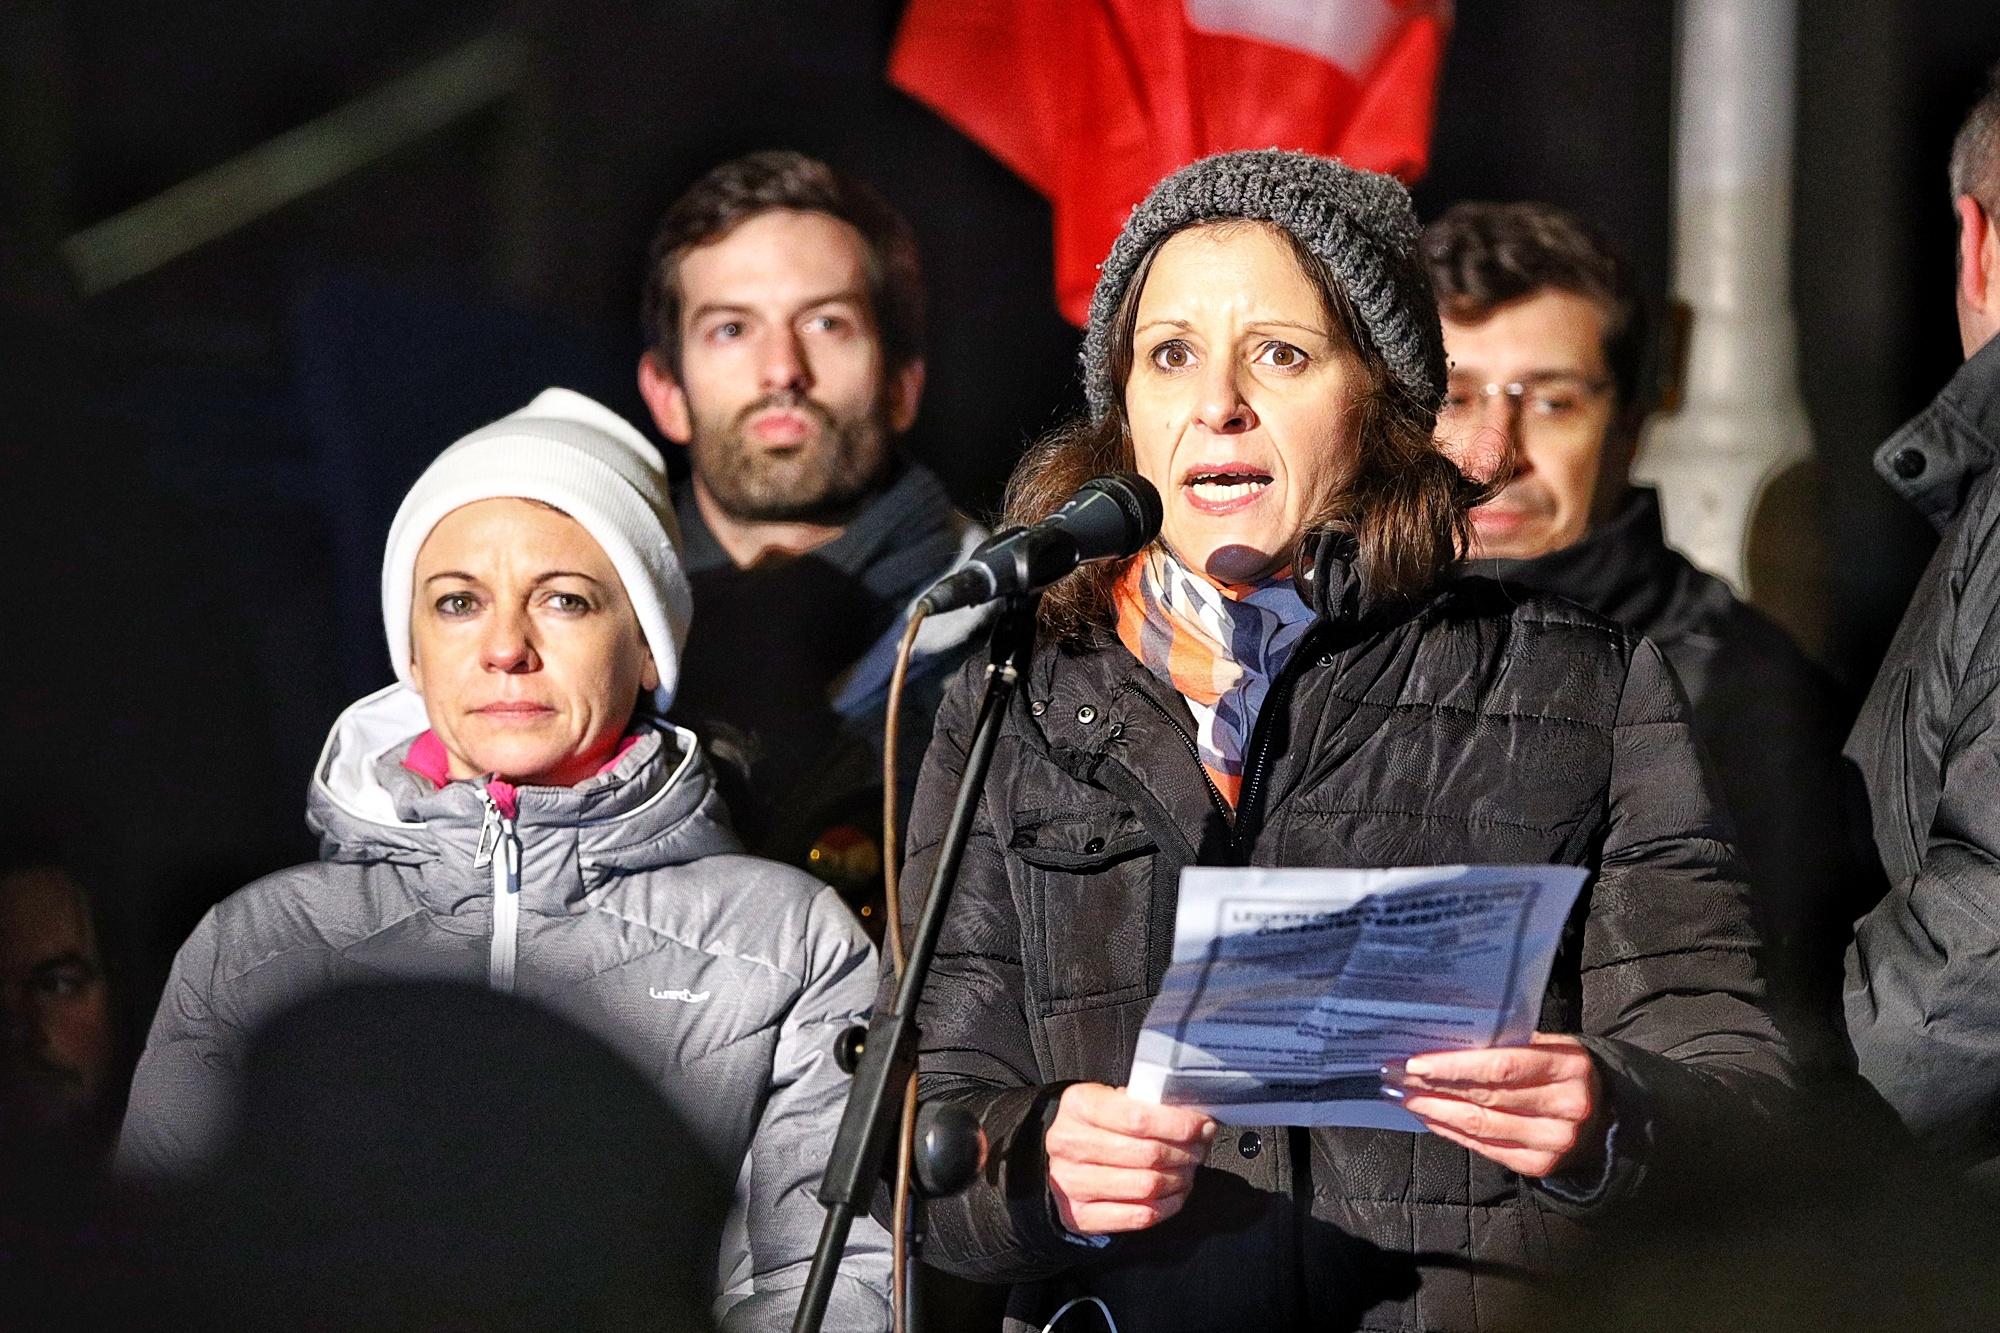 Átvilágítással szűrné ki a Fidesz embereit és a korrupt politikusokat az ellenzéki összefogás az előválasztáson